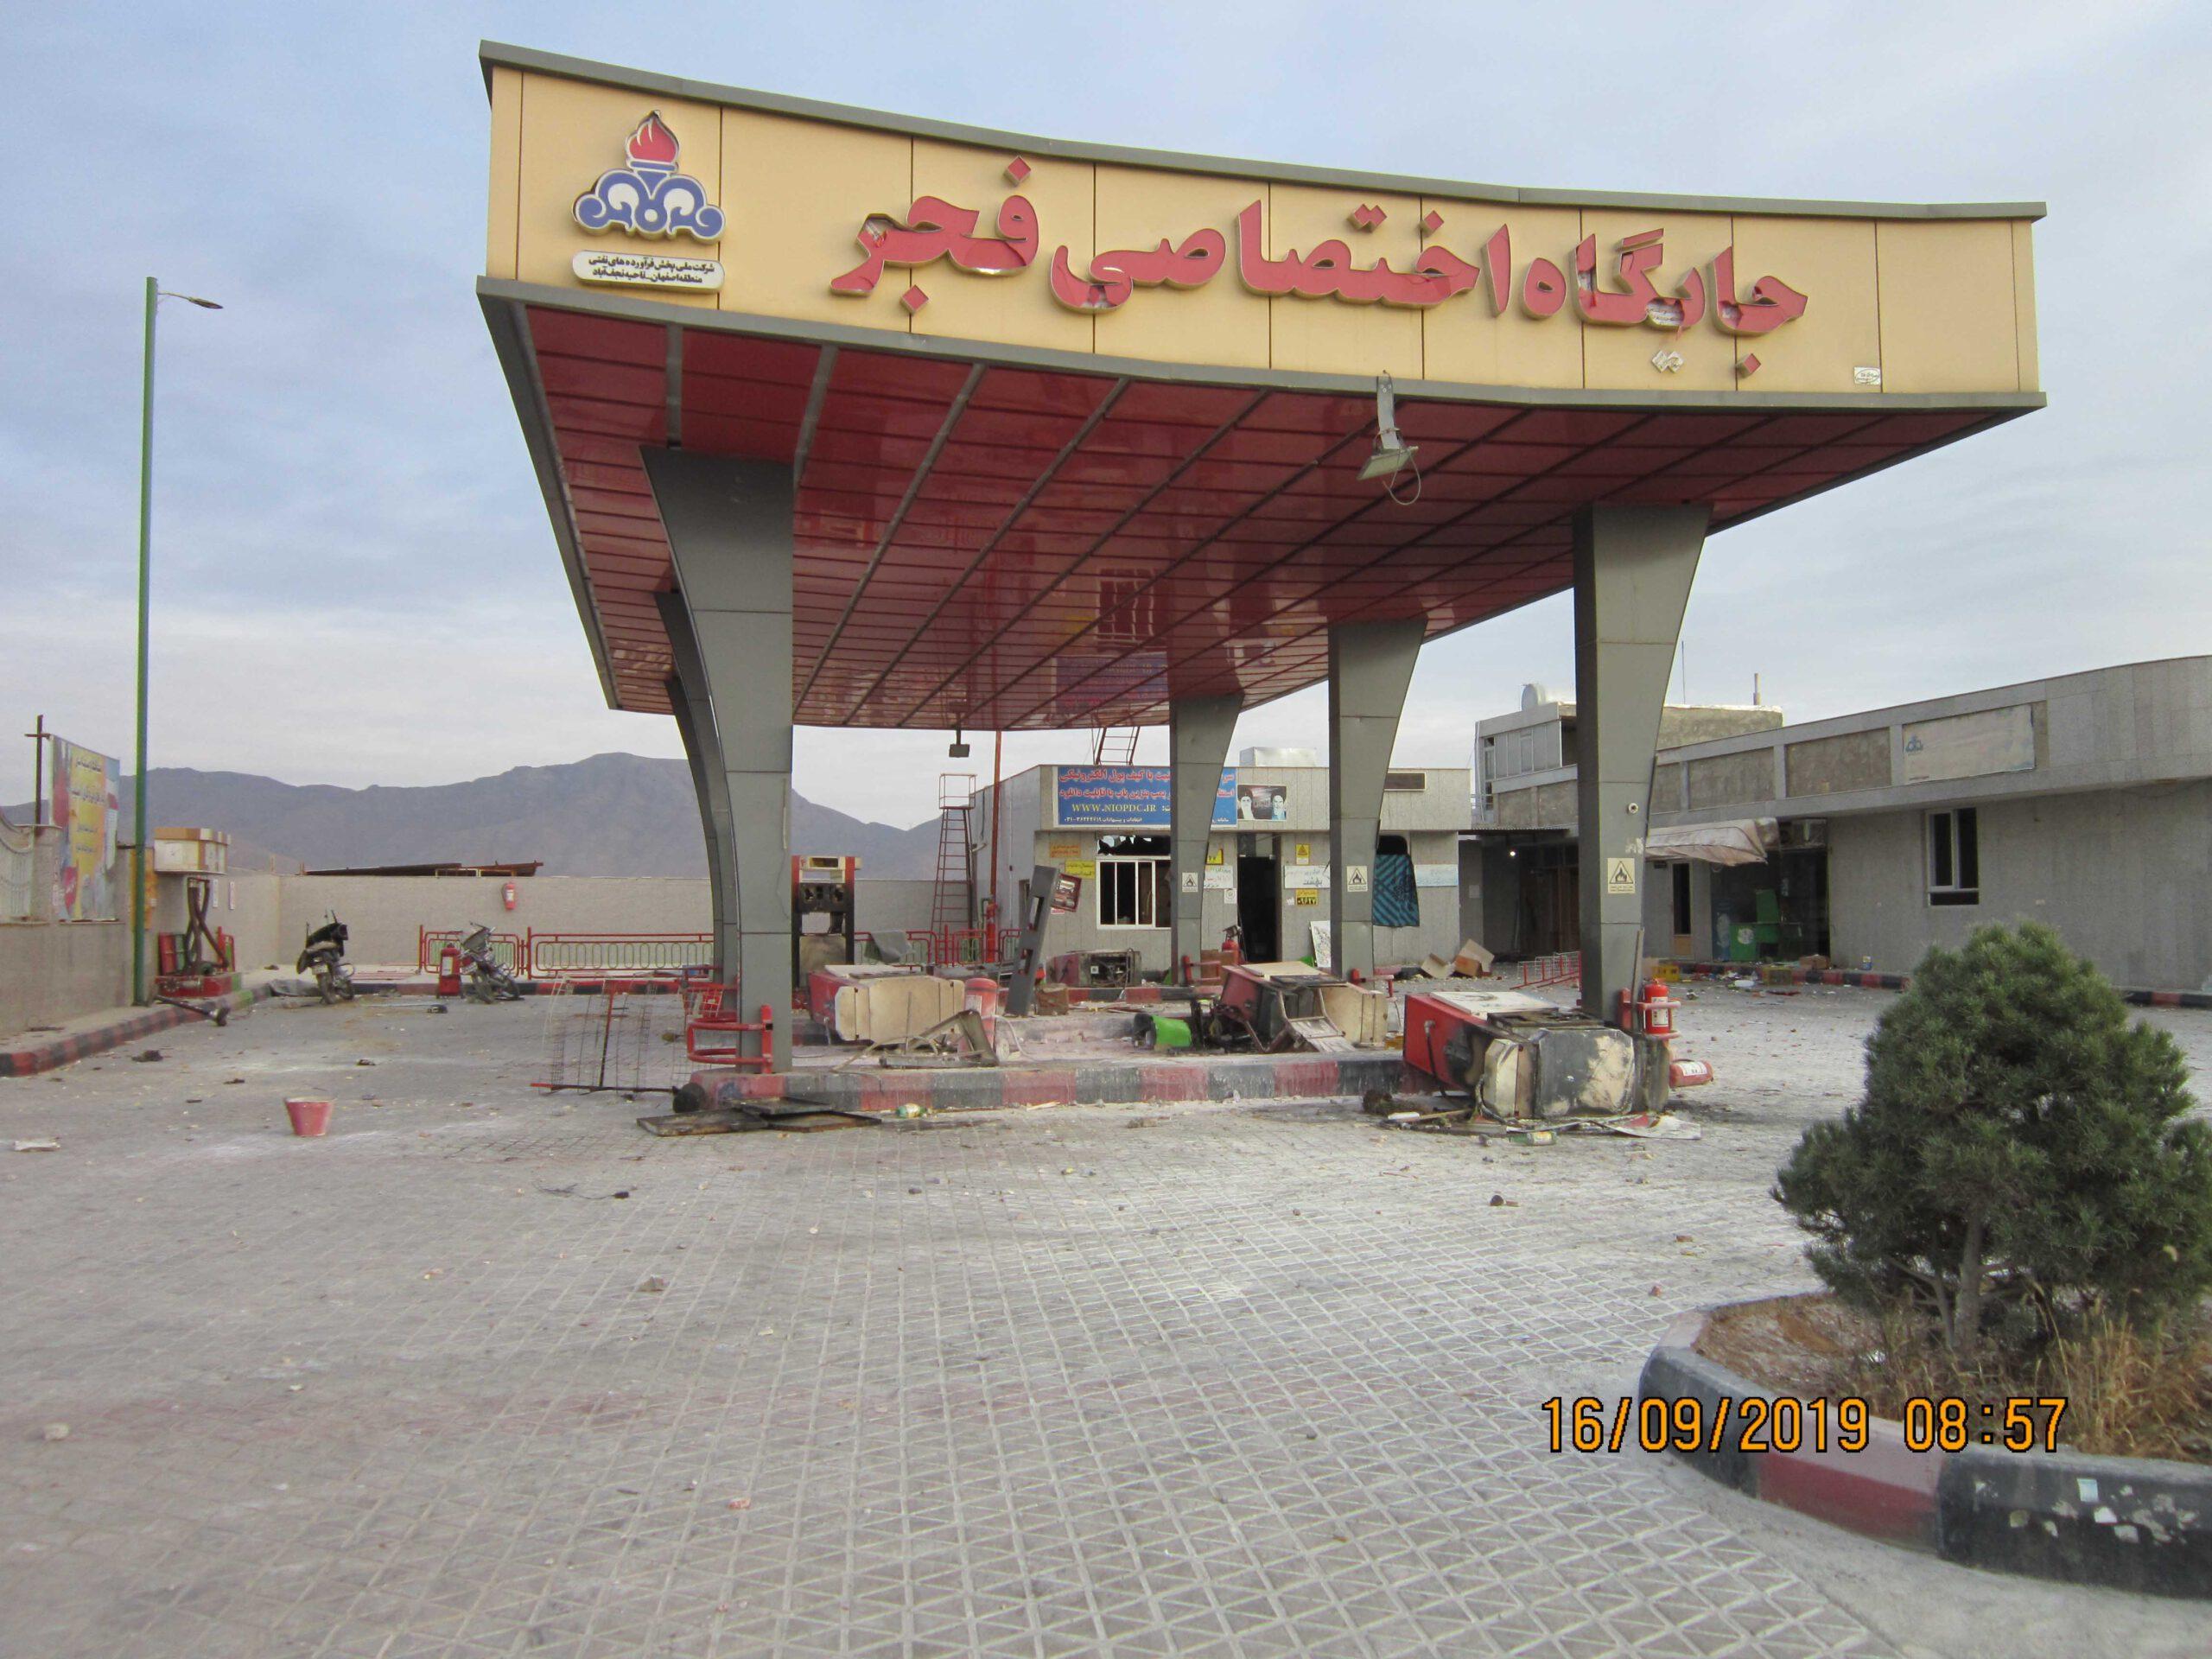 آتش زدن پمپ بنزین در نجف آباد+ تصاویر و فیلم آتش زدن پمپ بنزین در نجف آباد+ تصاویر و فیلم آتش زدن پمپ بنزین در نجف آباد+ تصاویر و فیلم IMG 0727 scaled